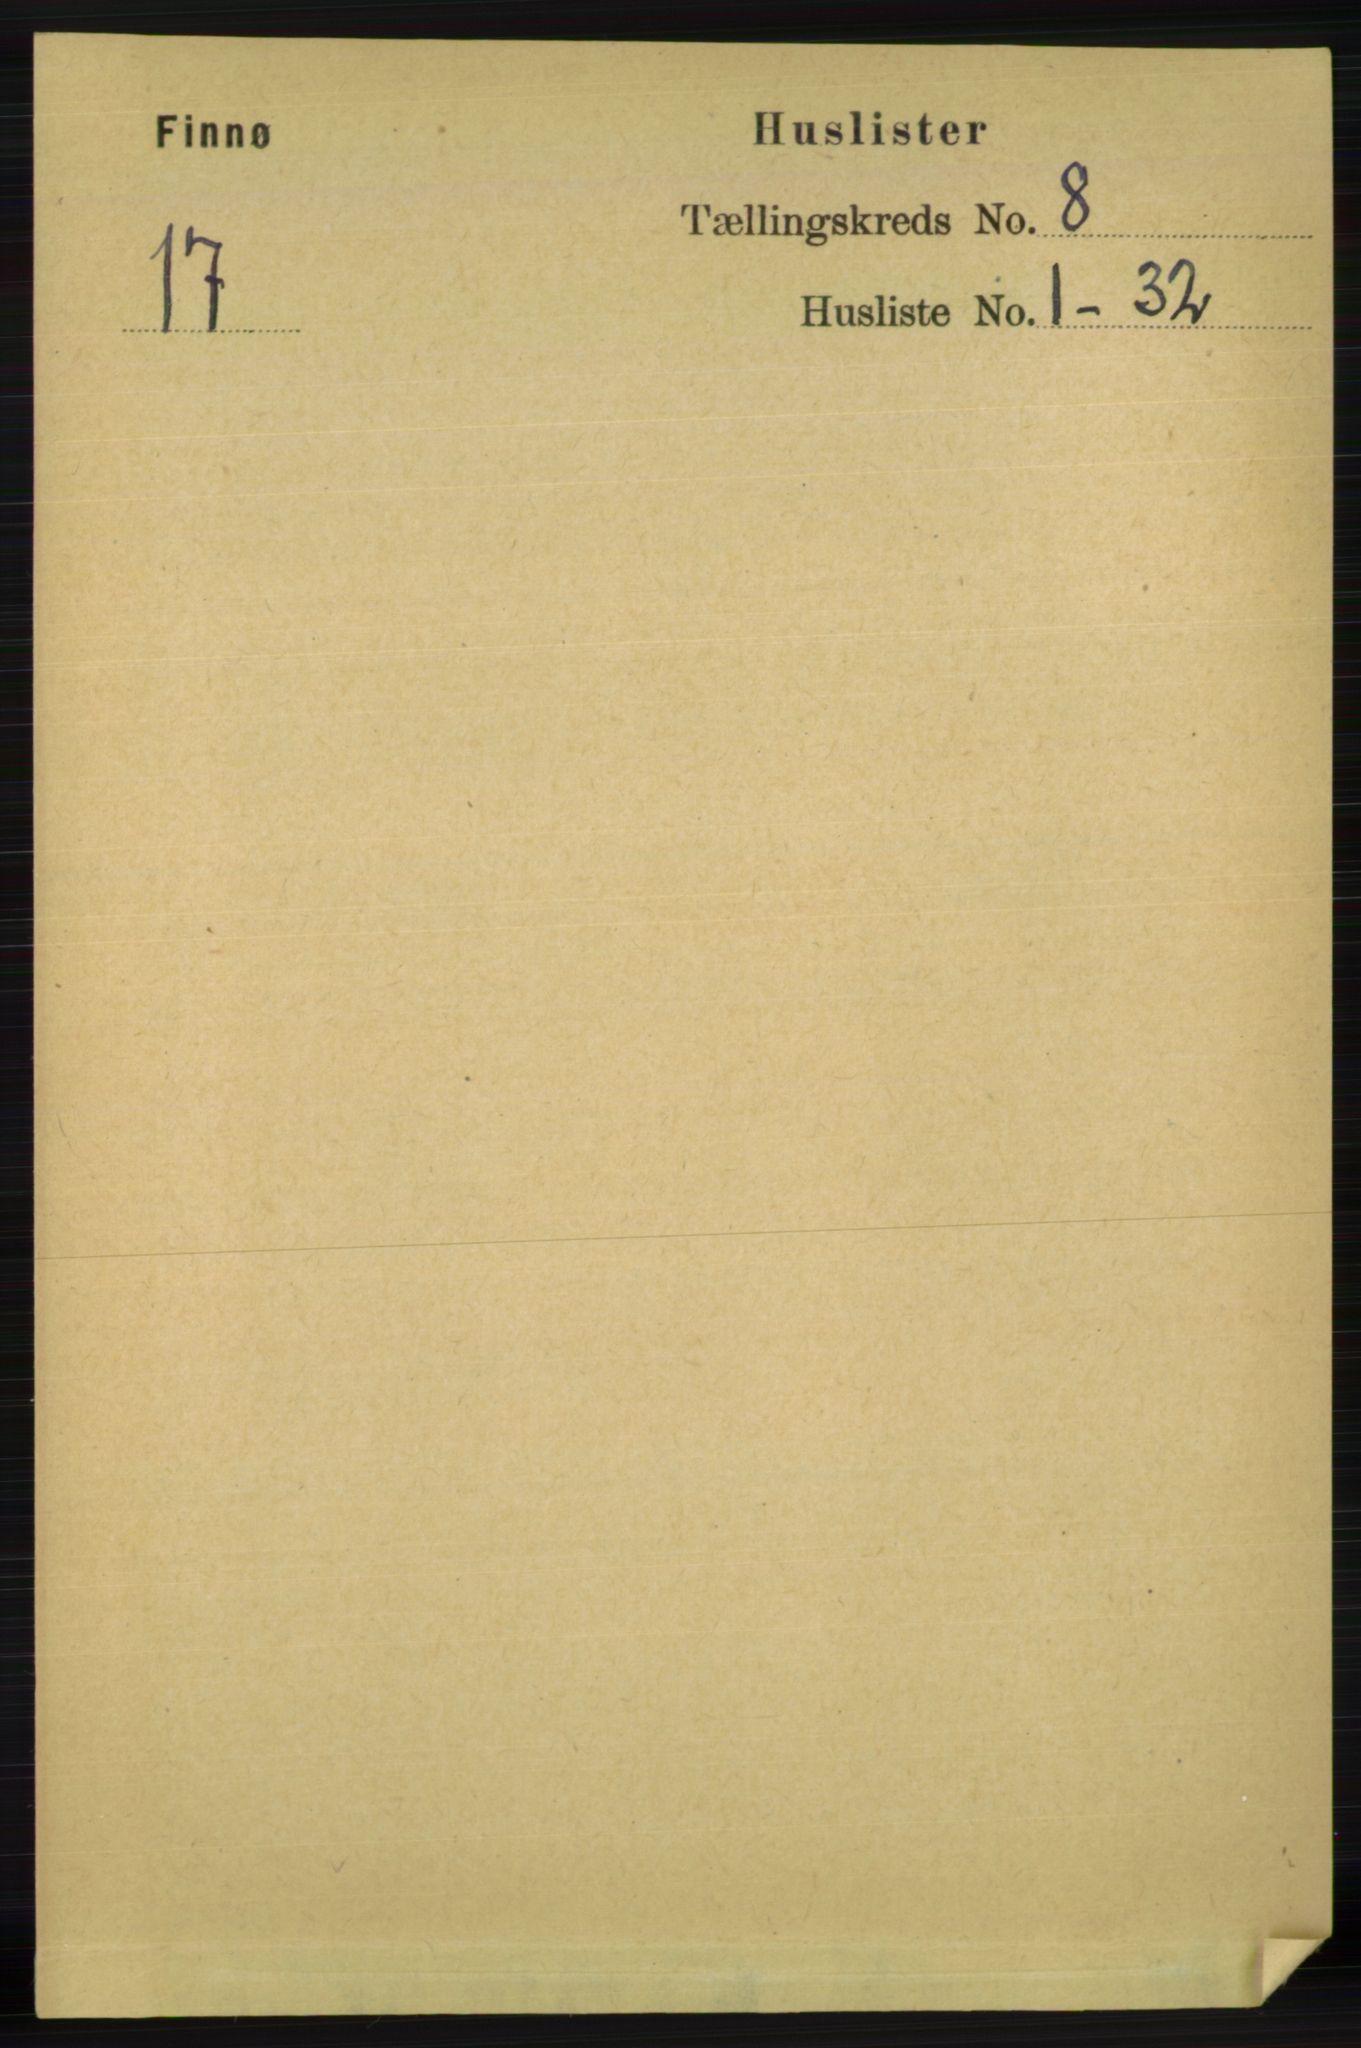 RA, Folketelling 1891 for 1141 Finnøy herred, 1891, s. 1649